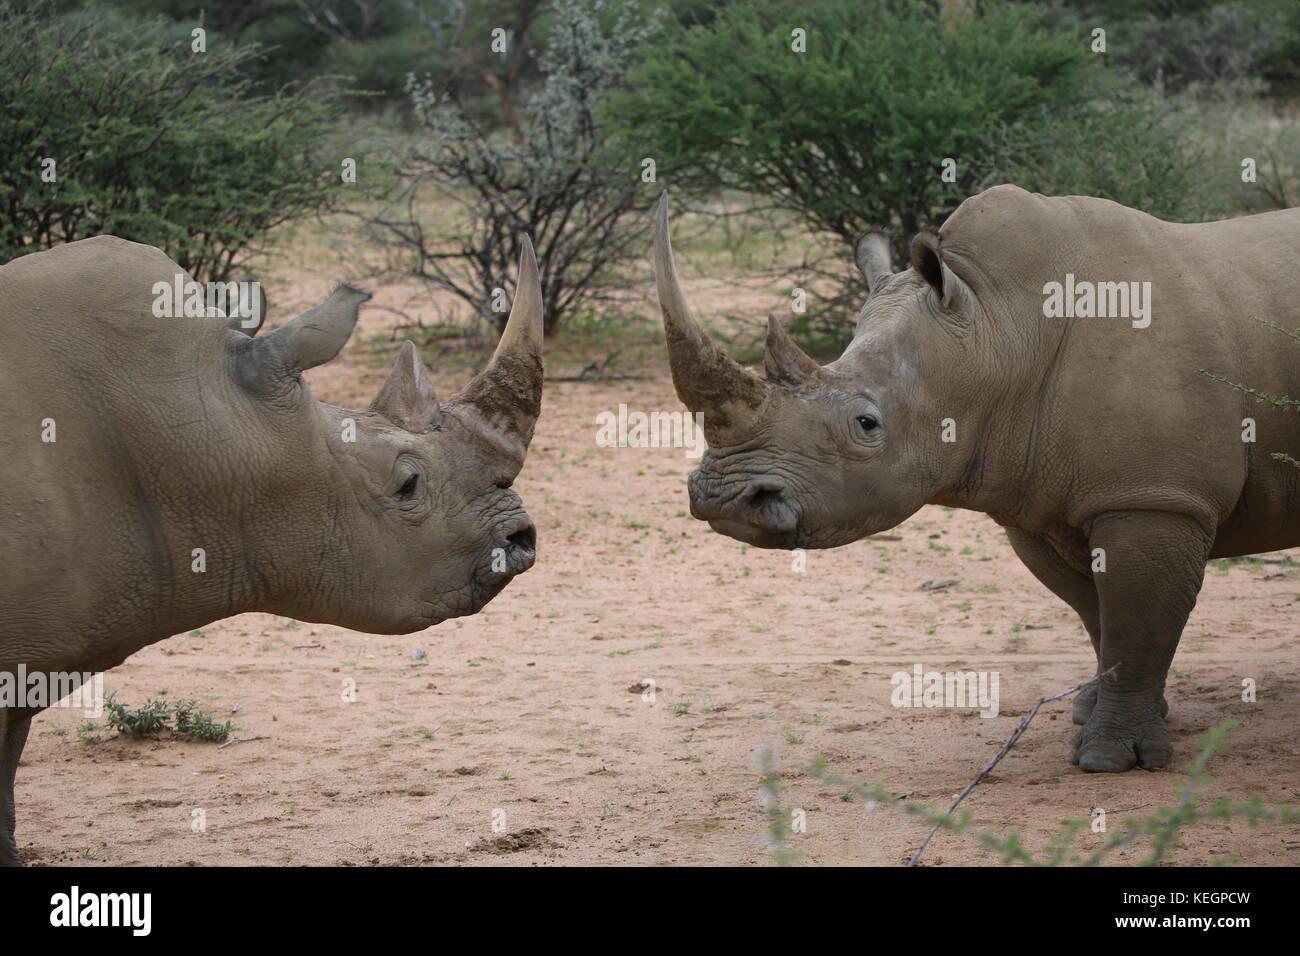 2 Breitmaulnashörner stehene sich gegenüber in Namibia - two rhinos stand opposite each other - Stock Image